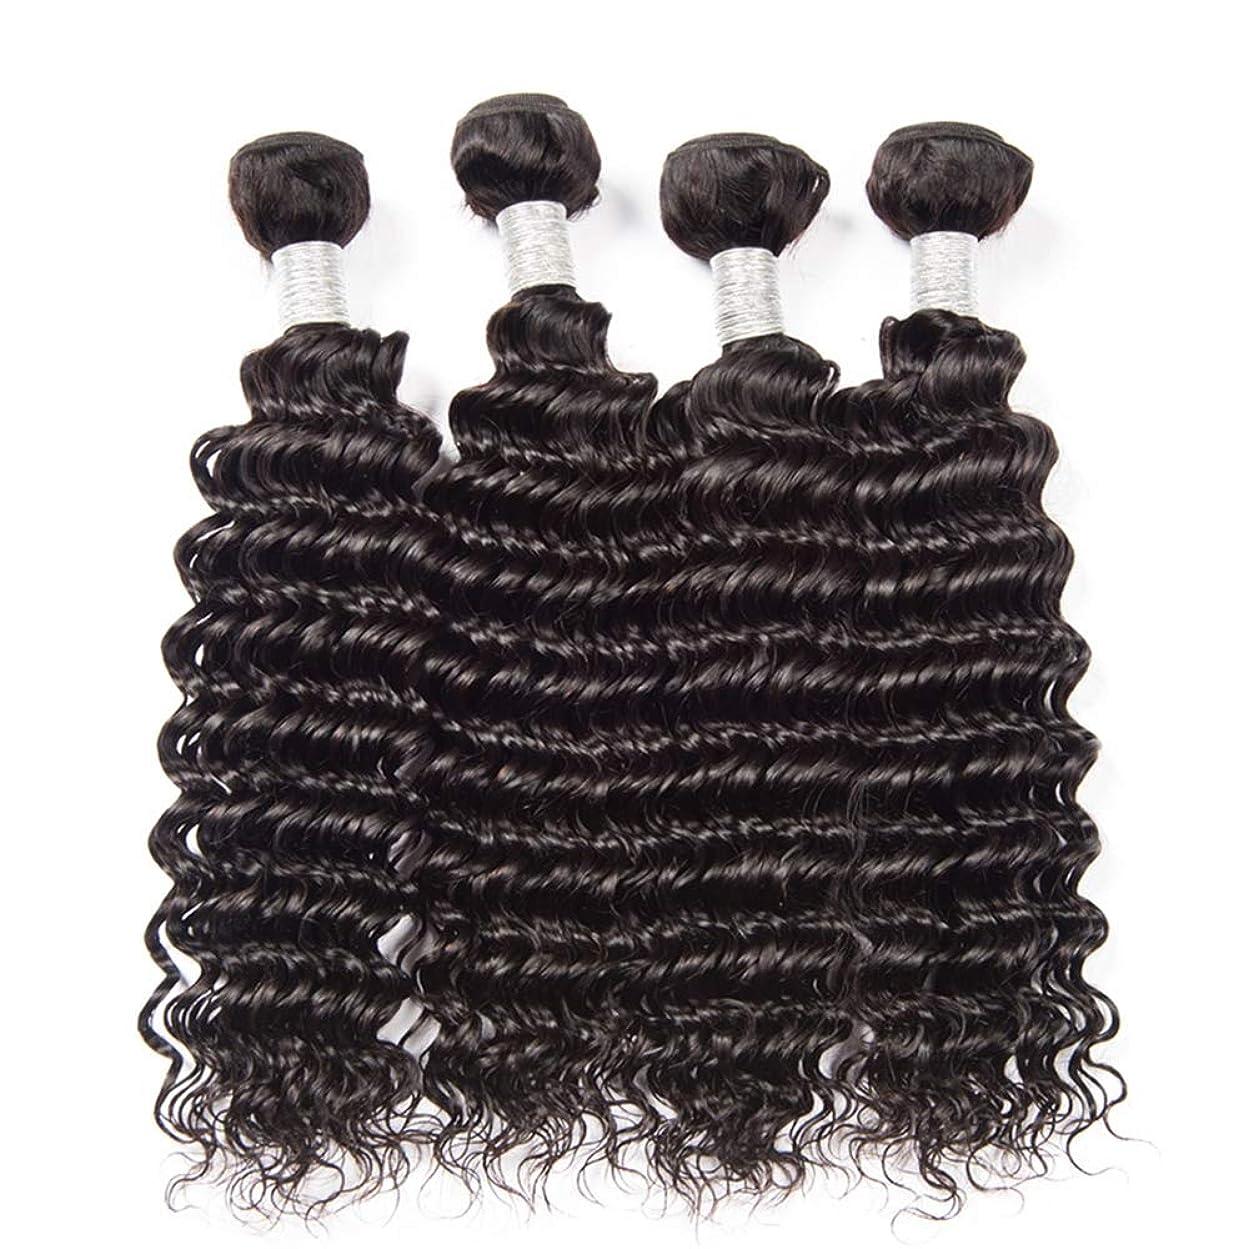 ラメ肝シェルター女性の髪織り密度150%ブラジル水の波髪1バンドル未処理のバージン人毛エクステンションブラジルの髪